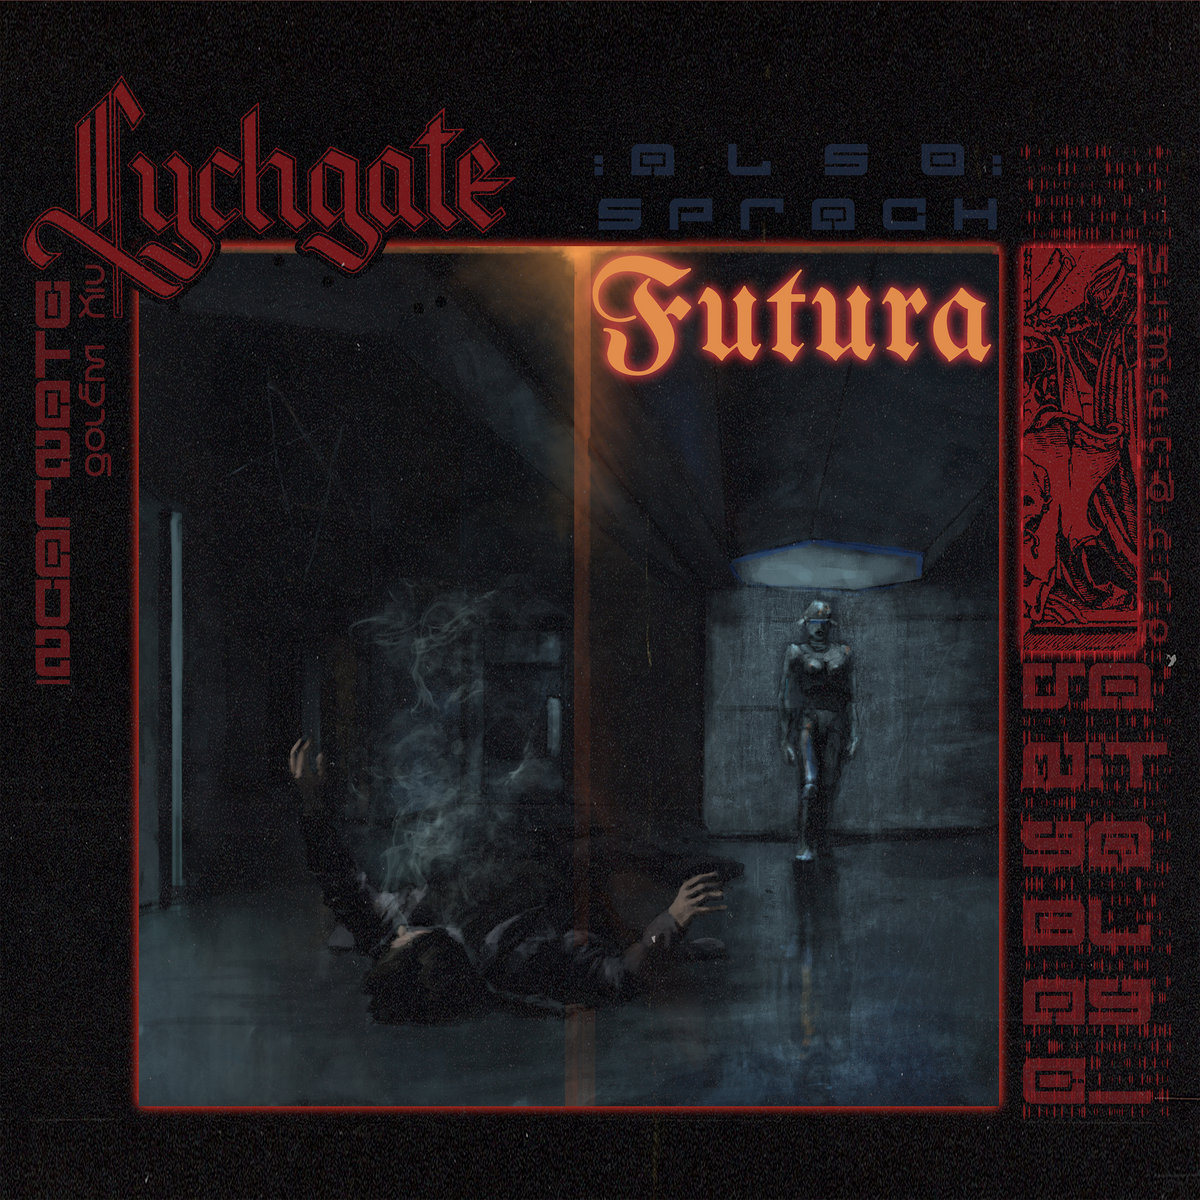 LYCHGATE - Also sprach Futura cover